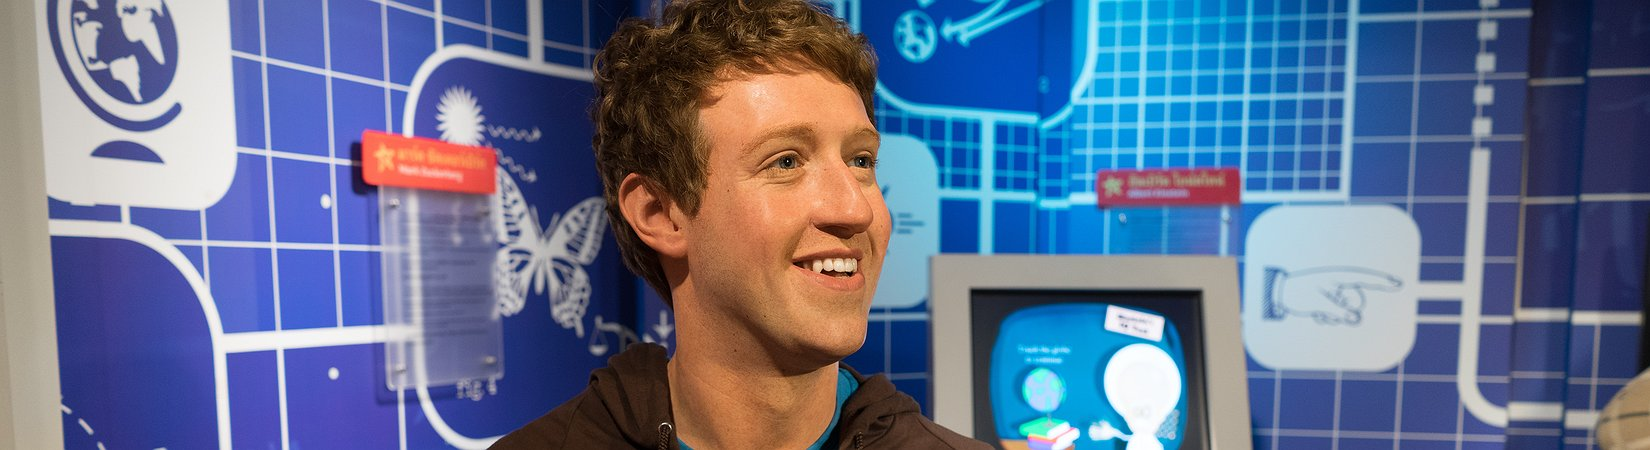 Zuckerberg comparte su visión del mundo en un manifiesto